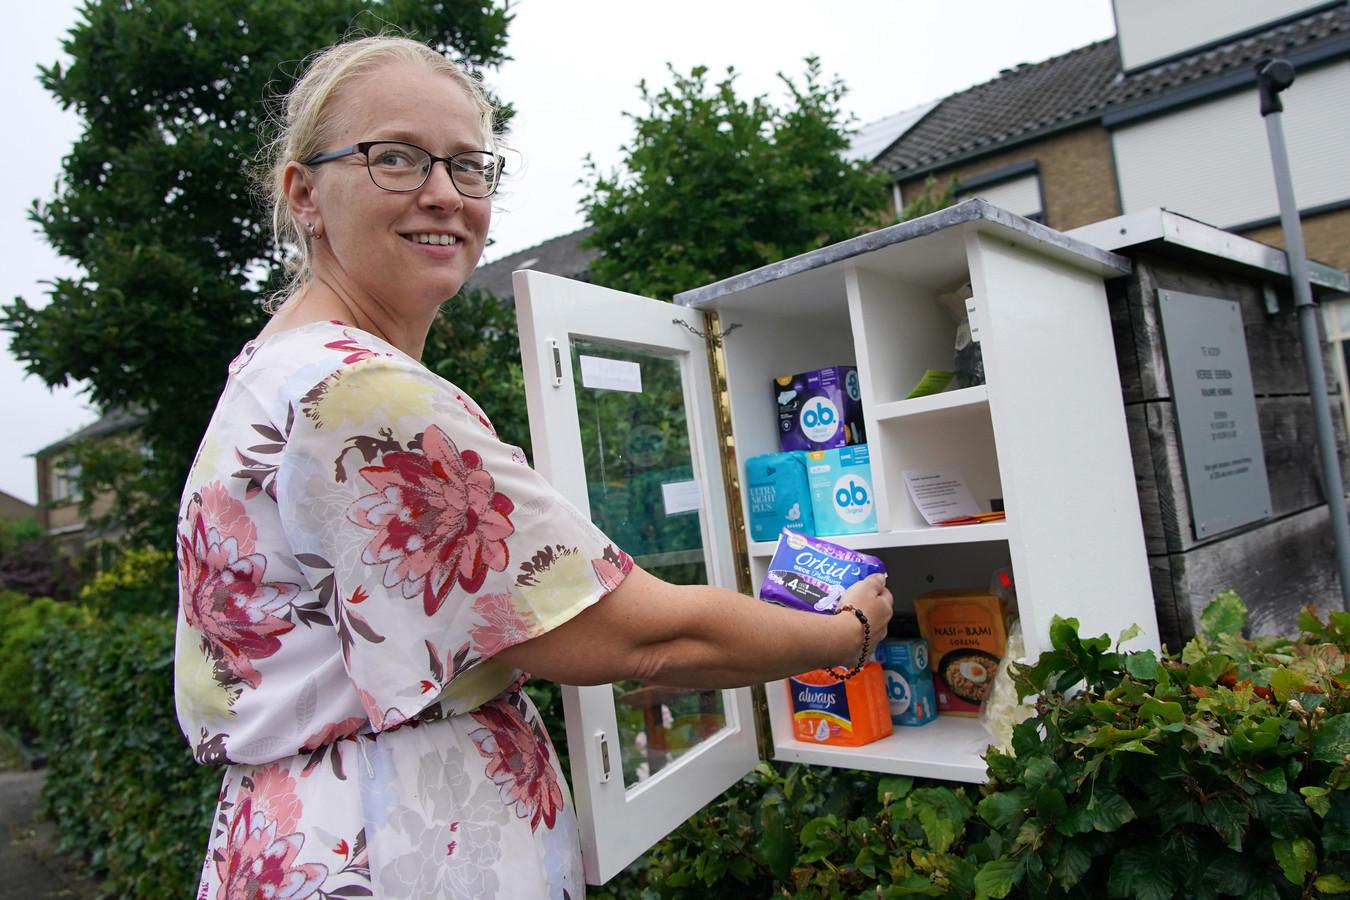 """Anita Dokter bij haar afgiftebox voor menstruatieproducten: ,,Ik weet zeker dat er ook in Nijkerk stille armoede heerst. Zeker in de wijk Paasbos waar ik zelf woon."""""""